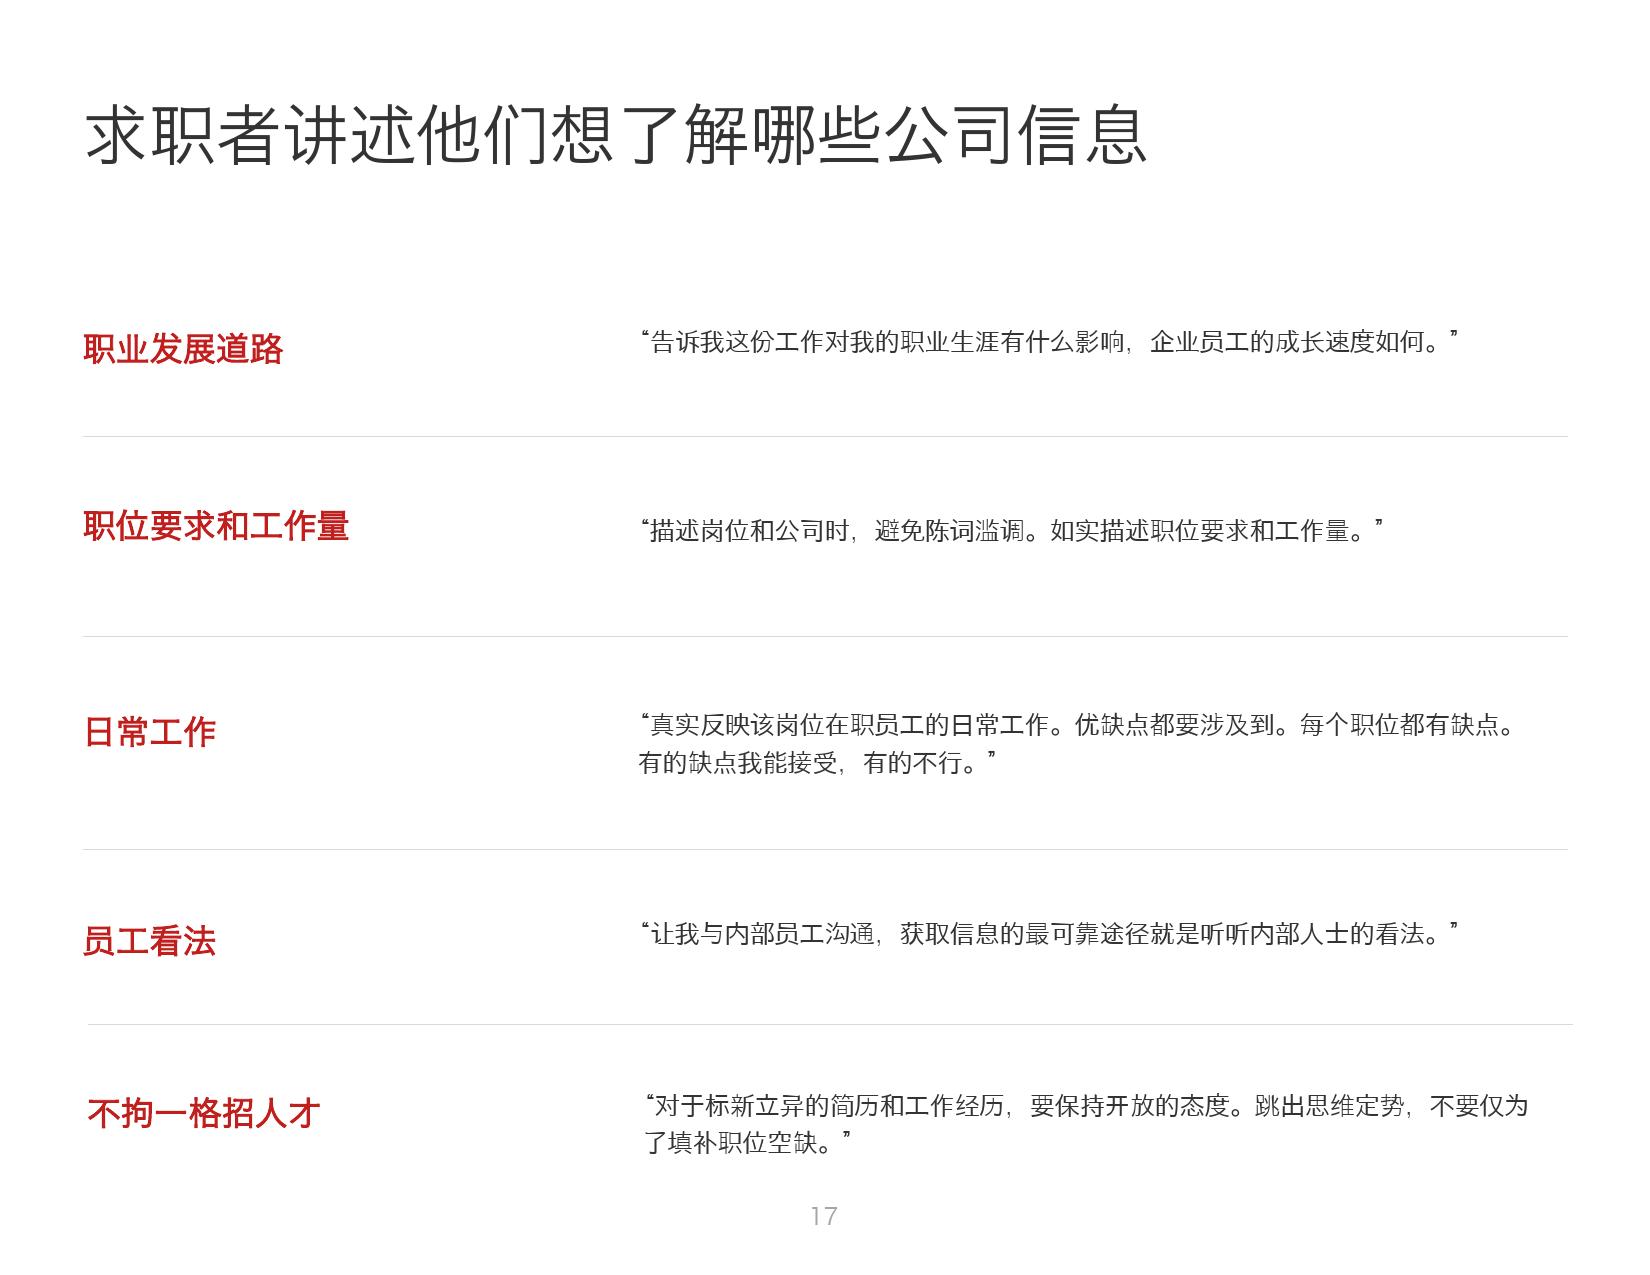 2016年中国人才趋势报告_000017